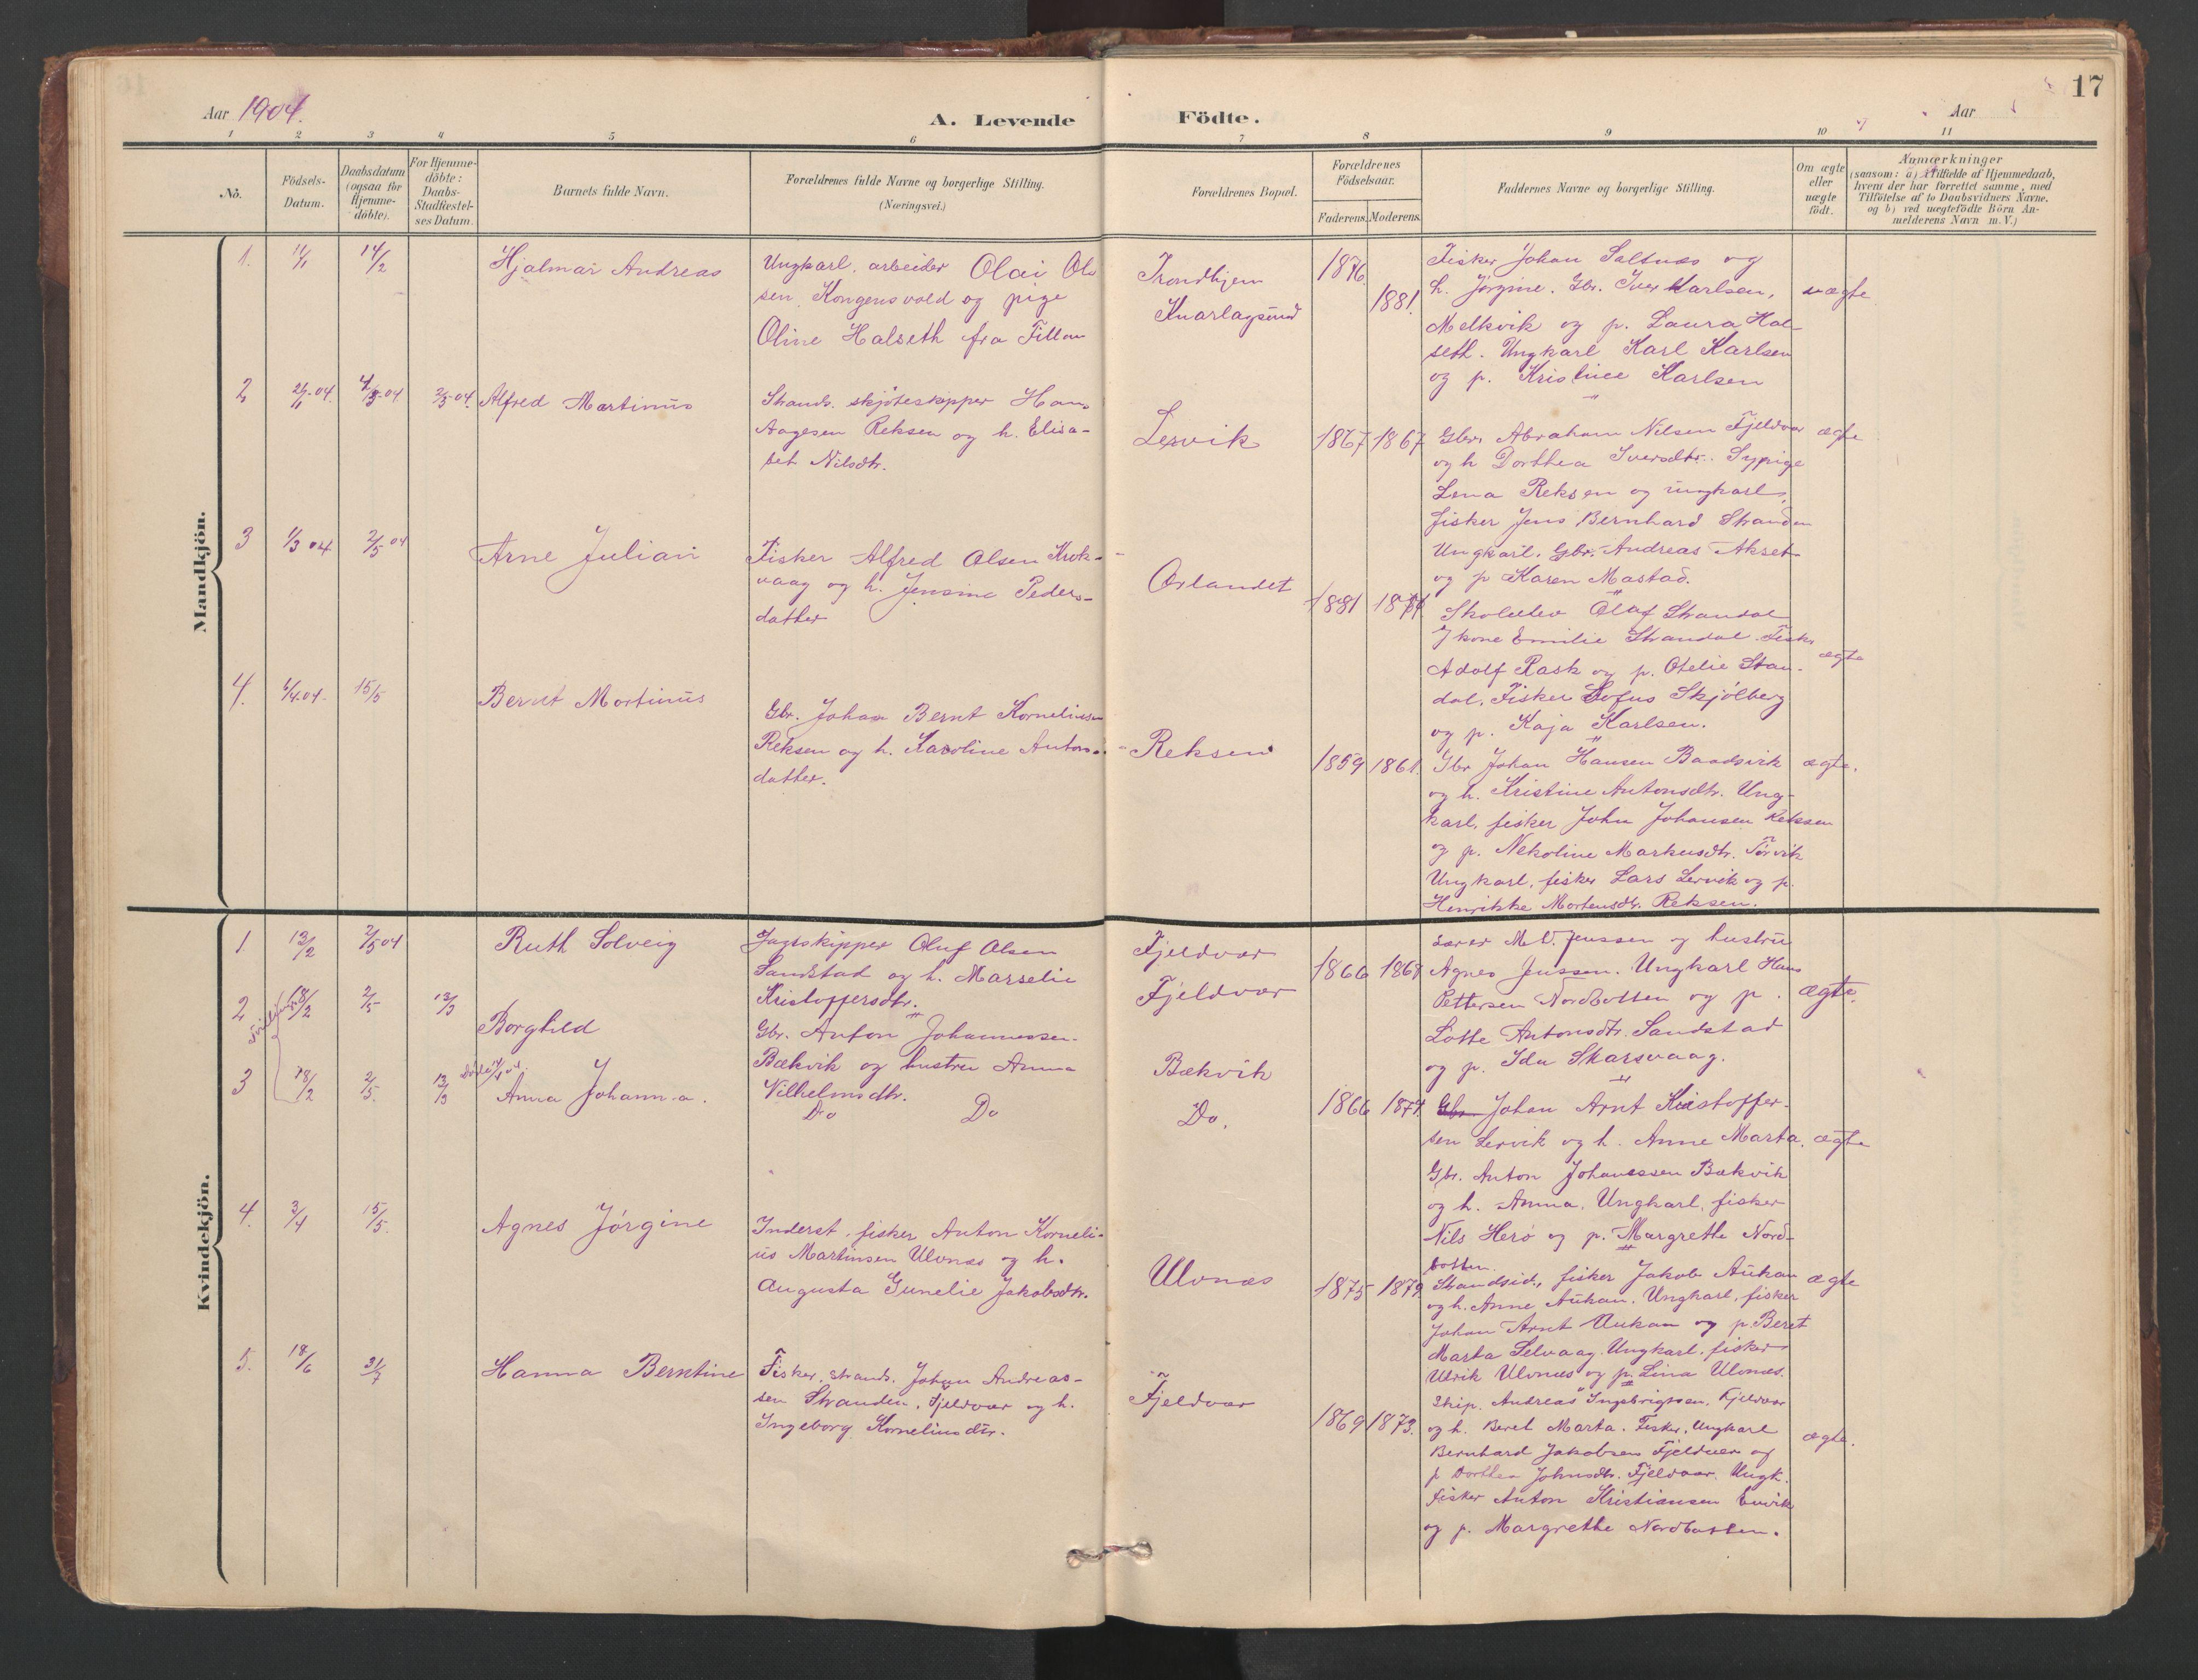 SAT, Ministerialprotokoller, klokkerbøker og fødselsregistre - Sør-Trøndelag, 638/L0571: Klokkerbok nr. 638C03, 1901-1930, s. 17